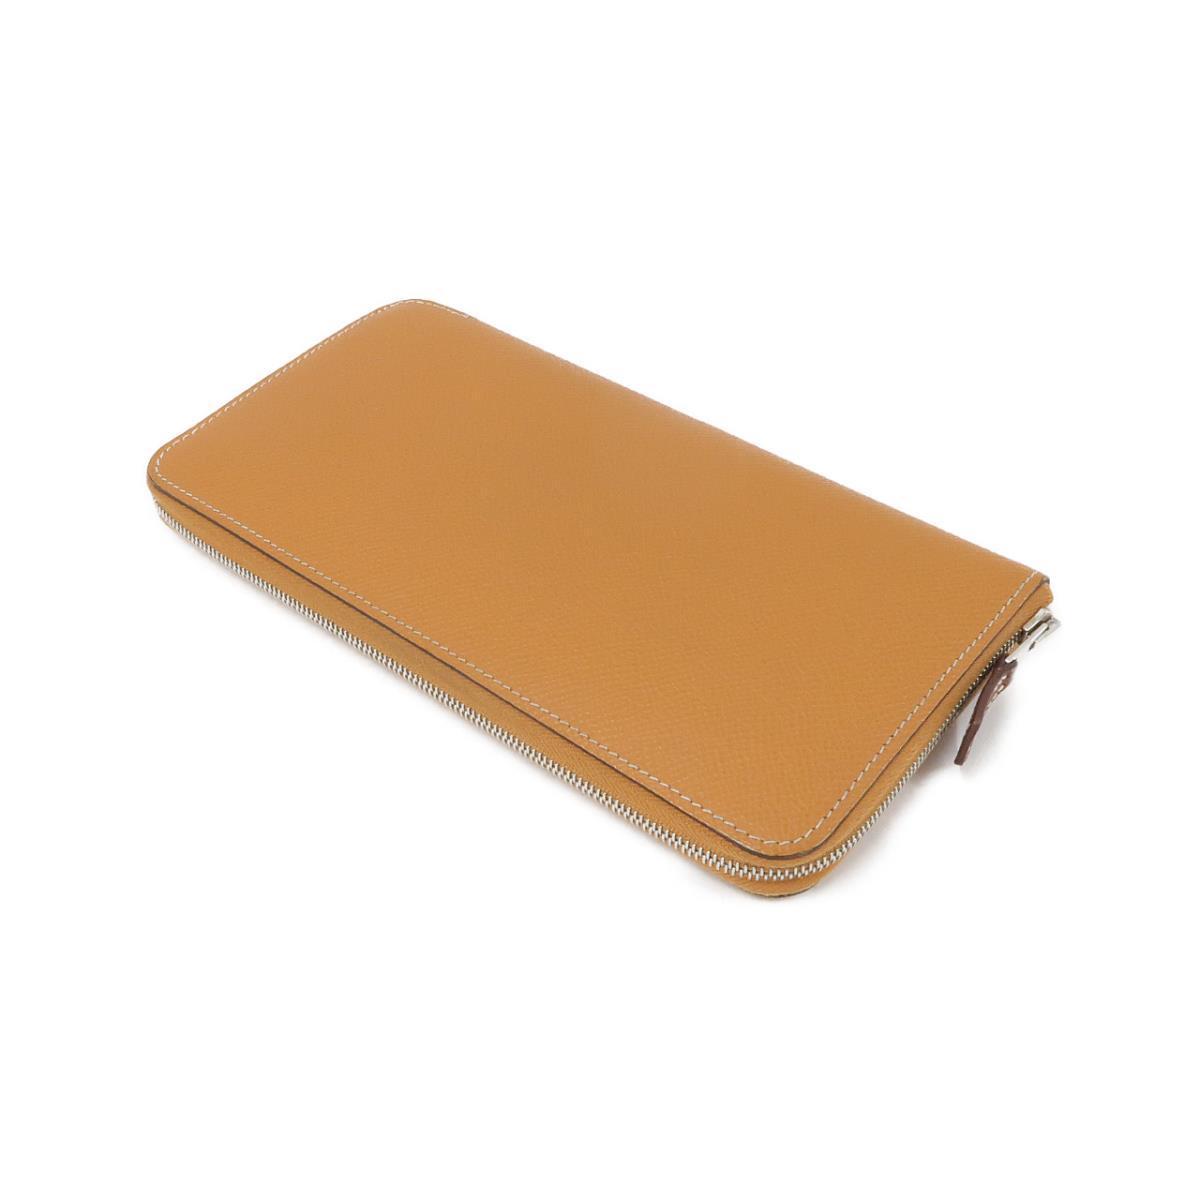 モノグラム財布